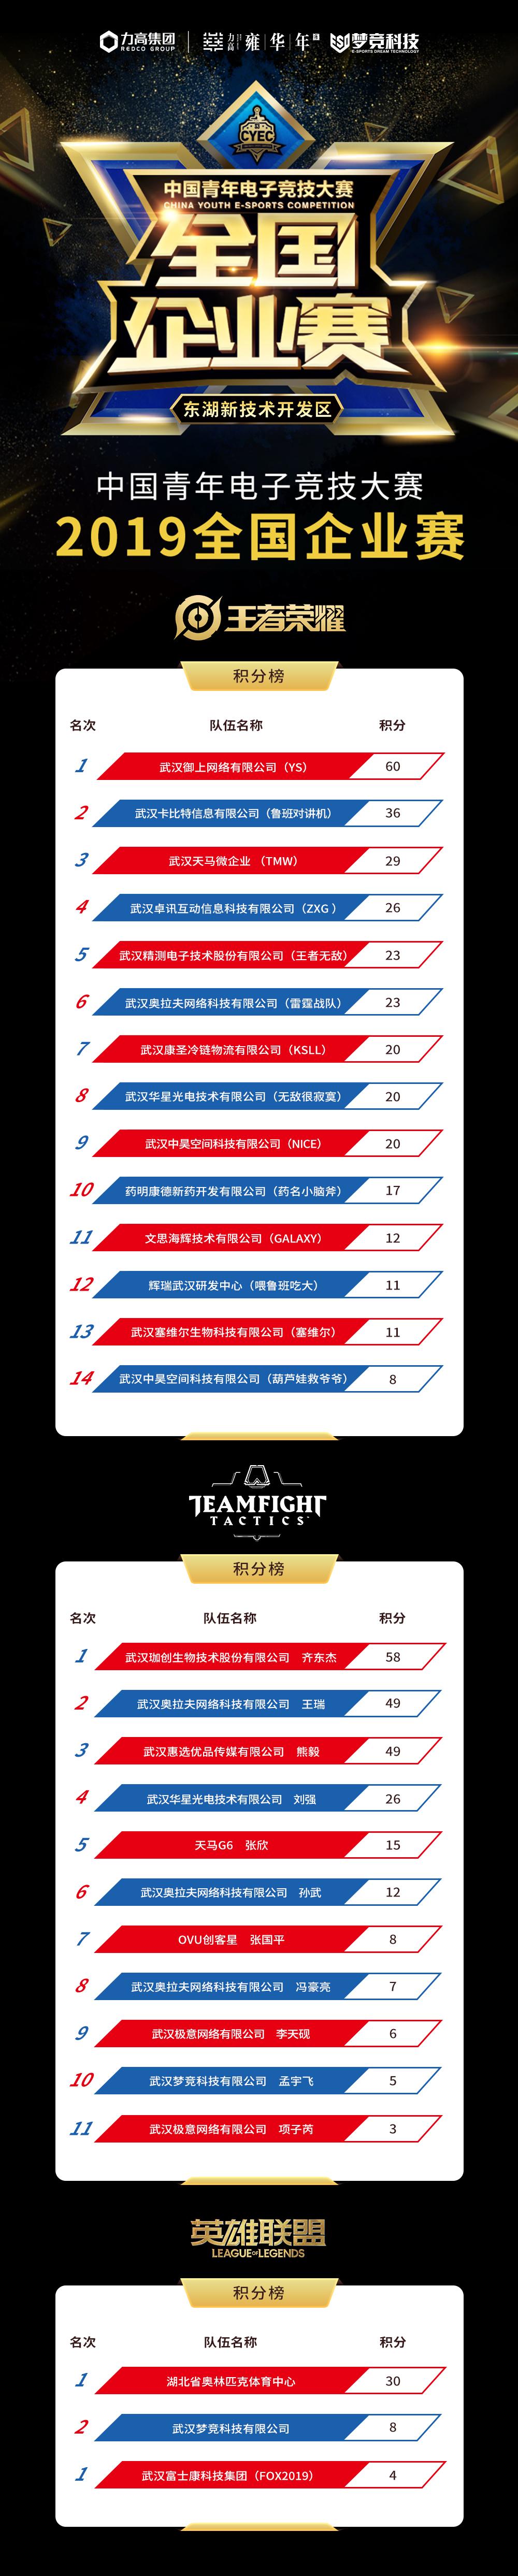 最新企业赛积分榜.png